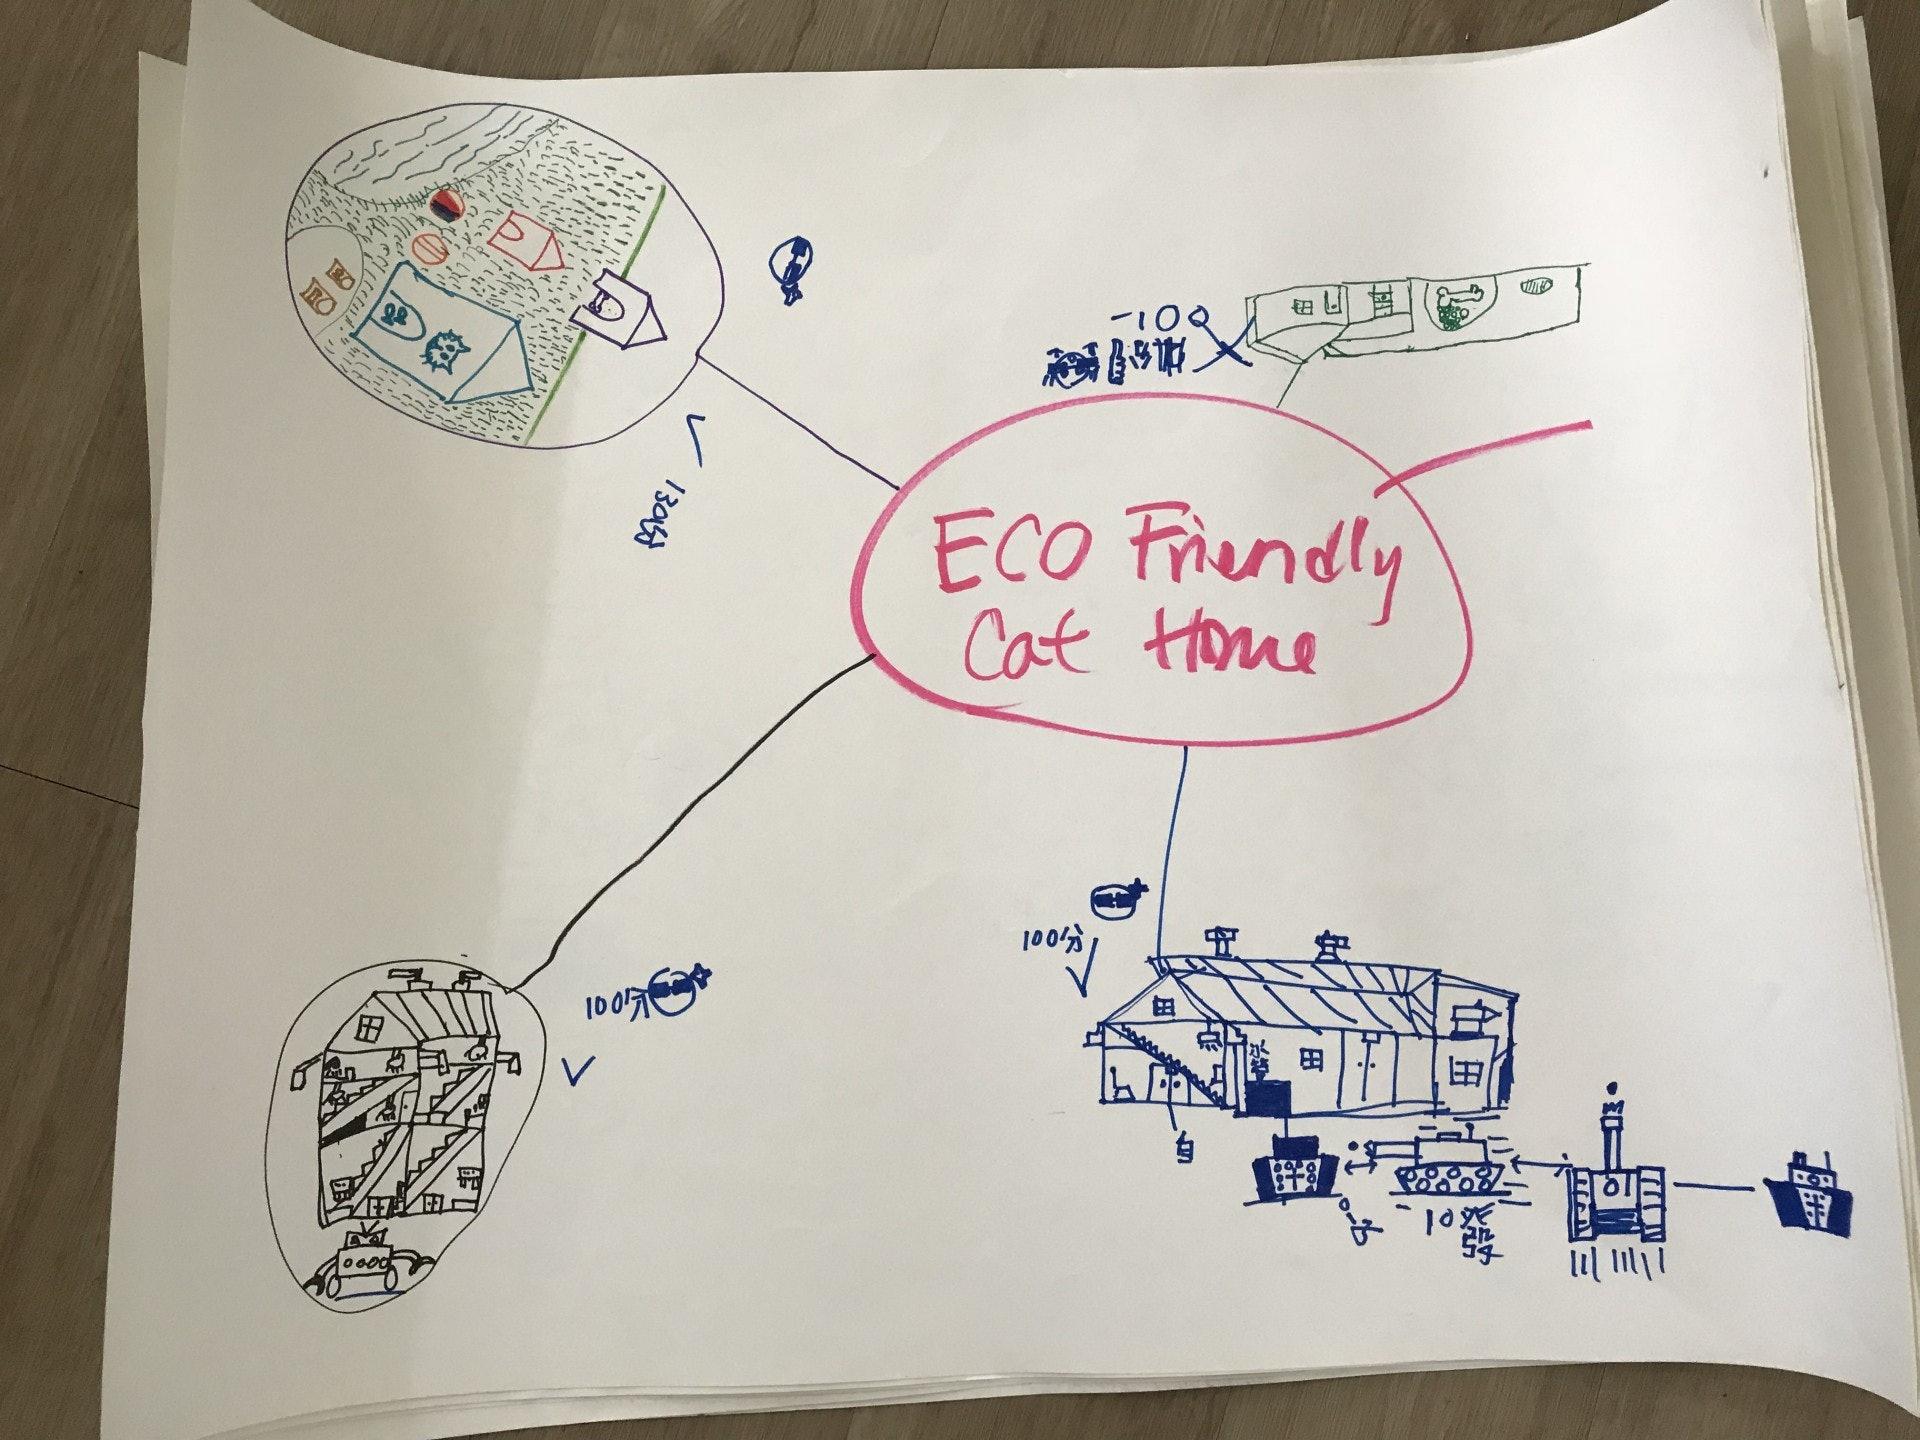 設計部份, 學生們由brainstorm 開始去構思貓屋的設計。及後上網搜集資料,再根據所得的結果再修改設計。 學生們在設計貓屋的過程中, 學會了因應貓的不同需要, 季節與環保物料的特性改良過數次, 過程中他們不但對 貓認識多了而且明白何謂好的設計。(德萃小學圖片)